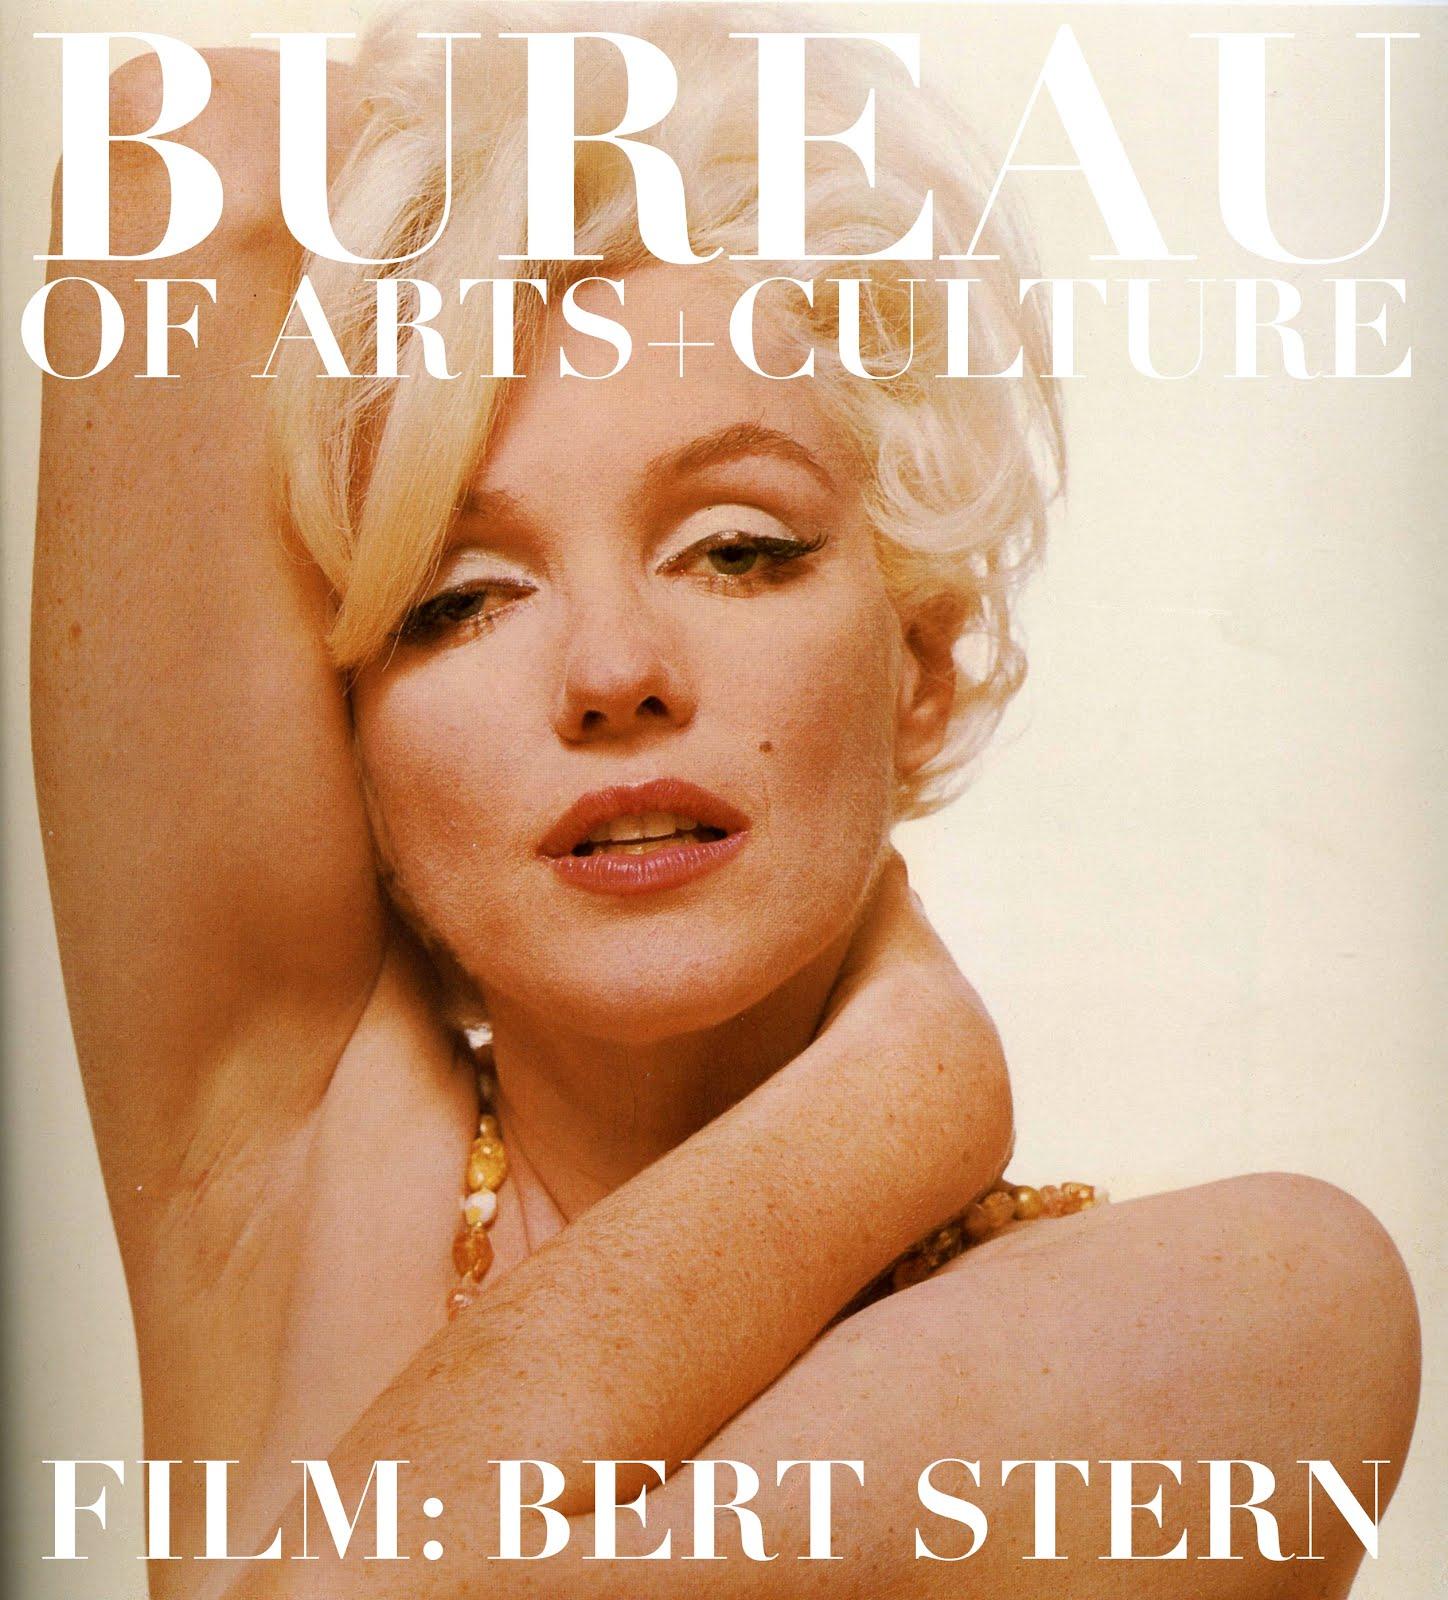 THE BUREAU FILM PAGE